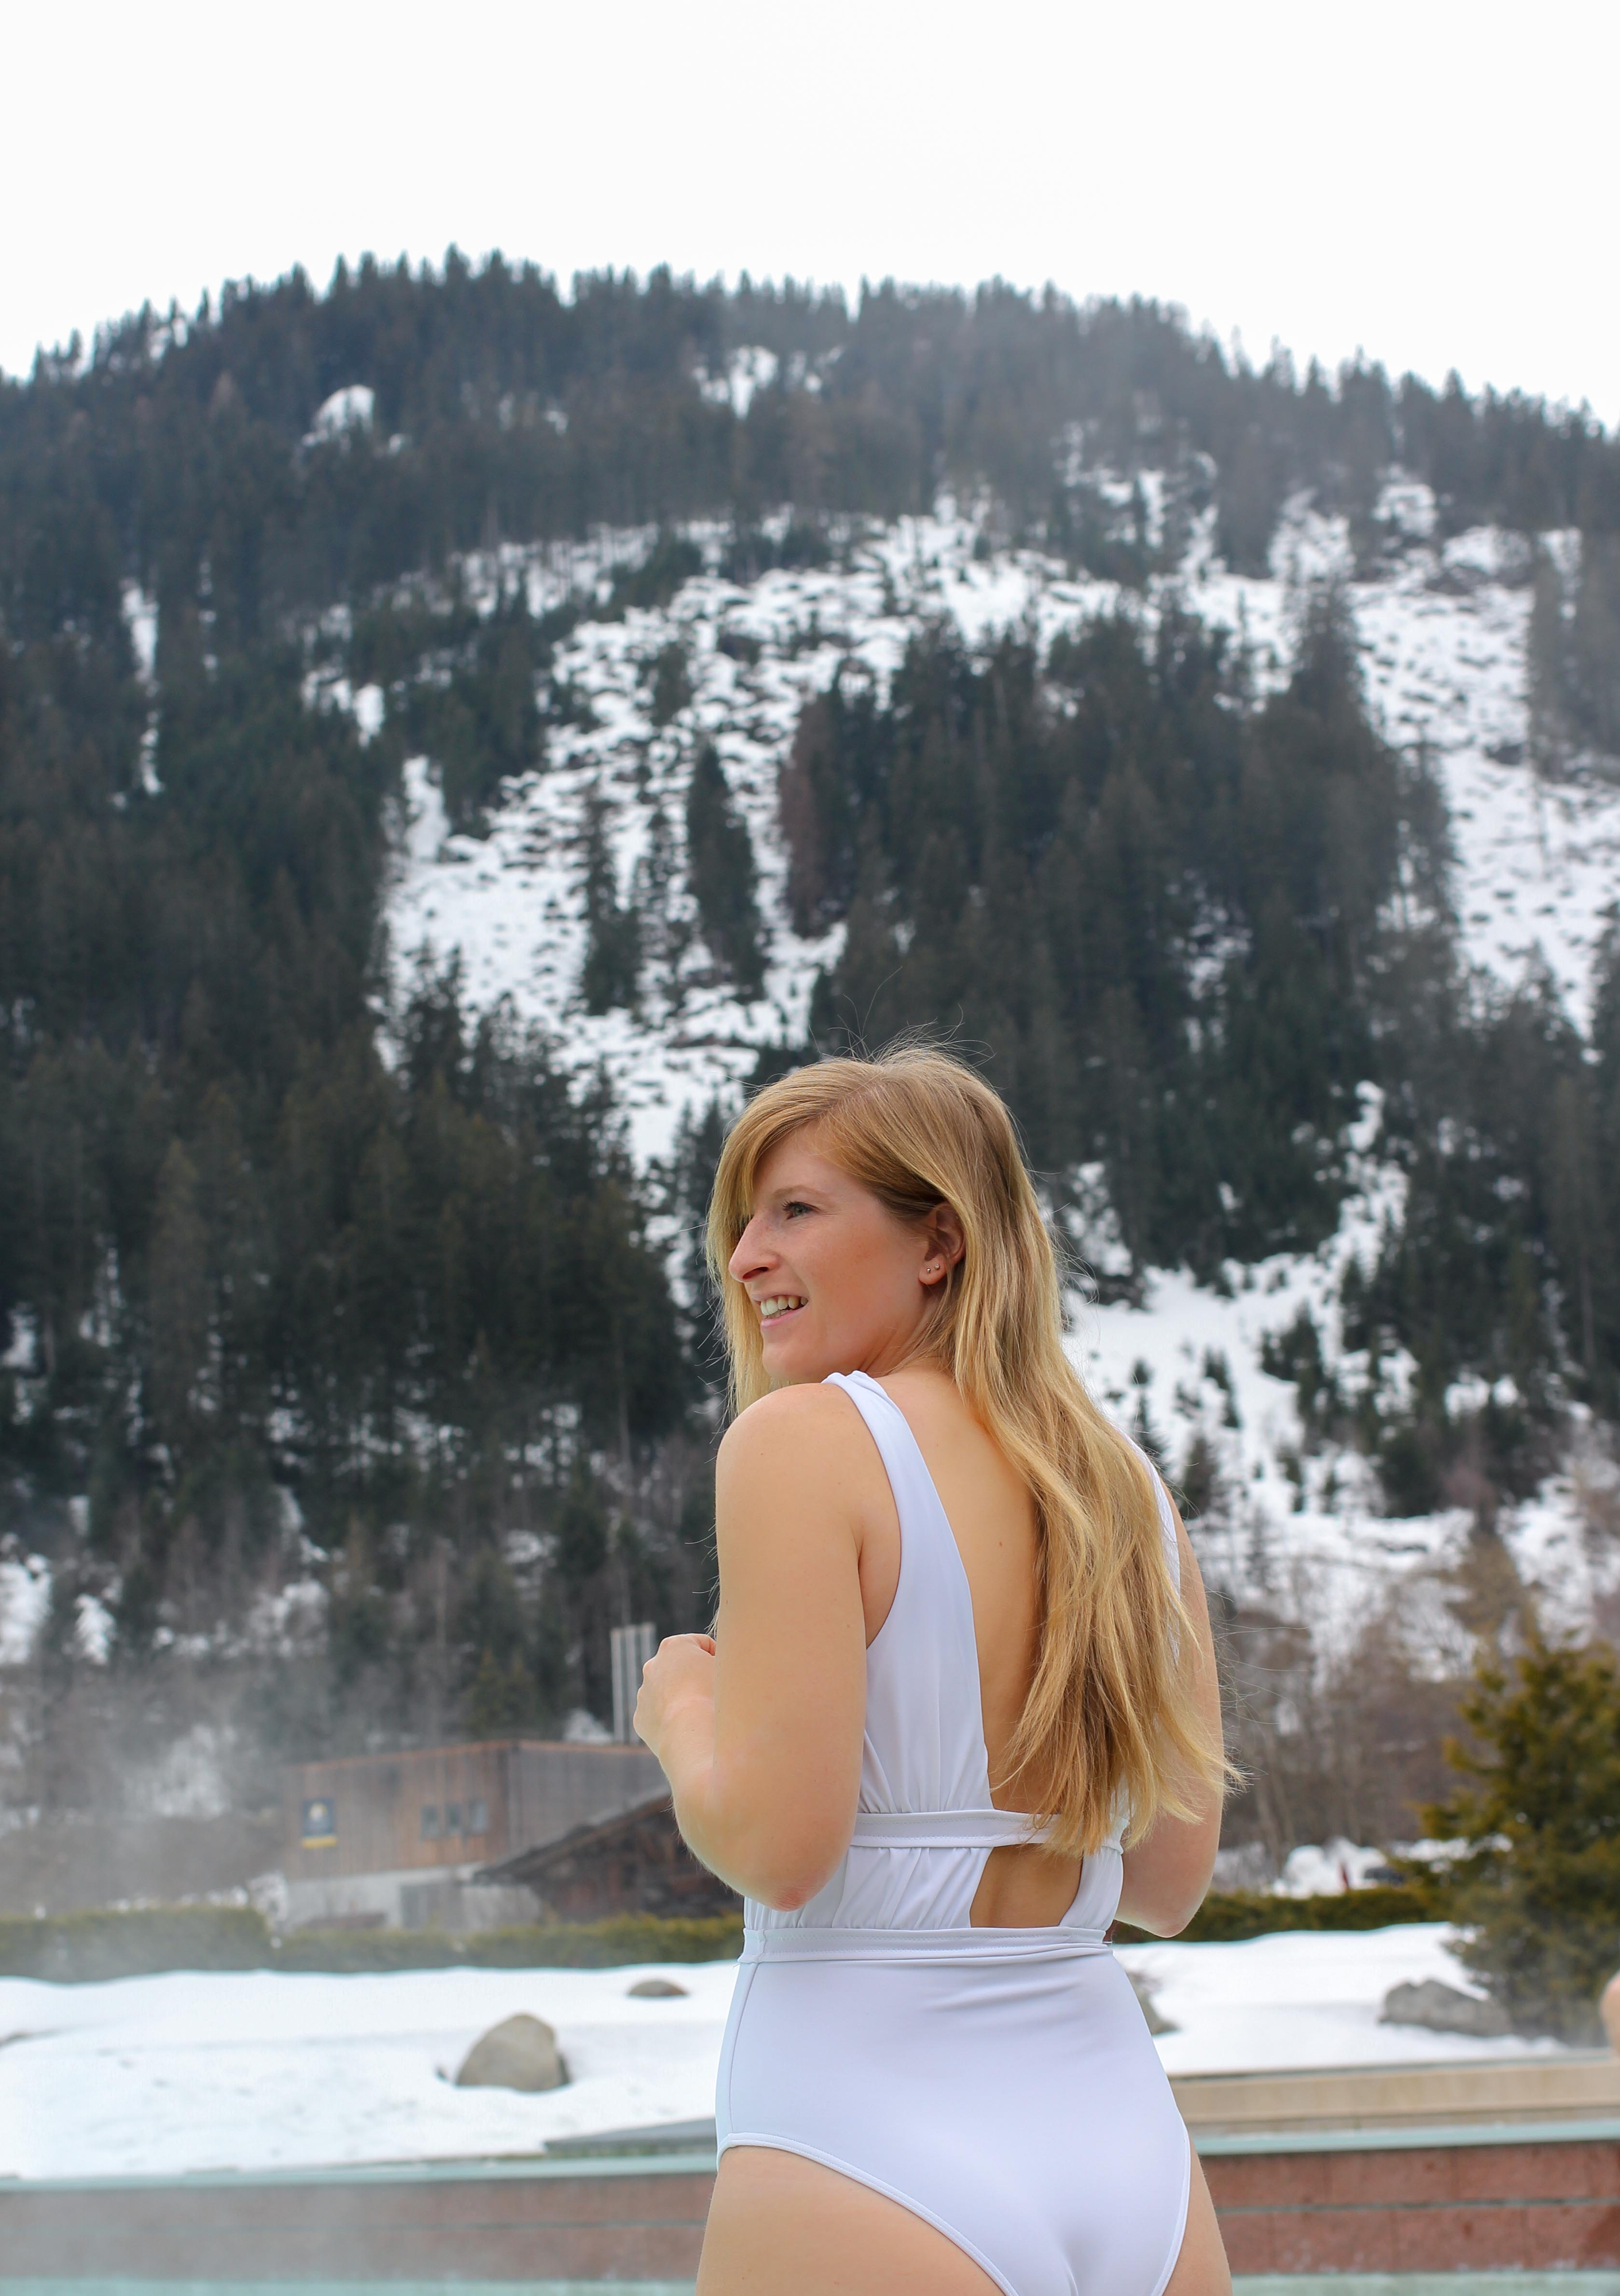 Südtirol Hotel Schneeberg Resort Spa Wellnessbereich Außenpool Italien Wellnesshotel Reiseblog Wellnessurlaub Kurzurlaub Hotelempfehlung Skiurlaub